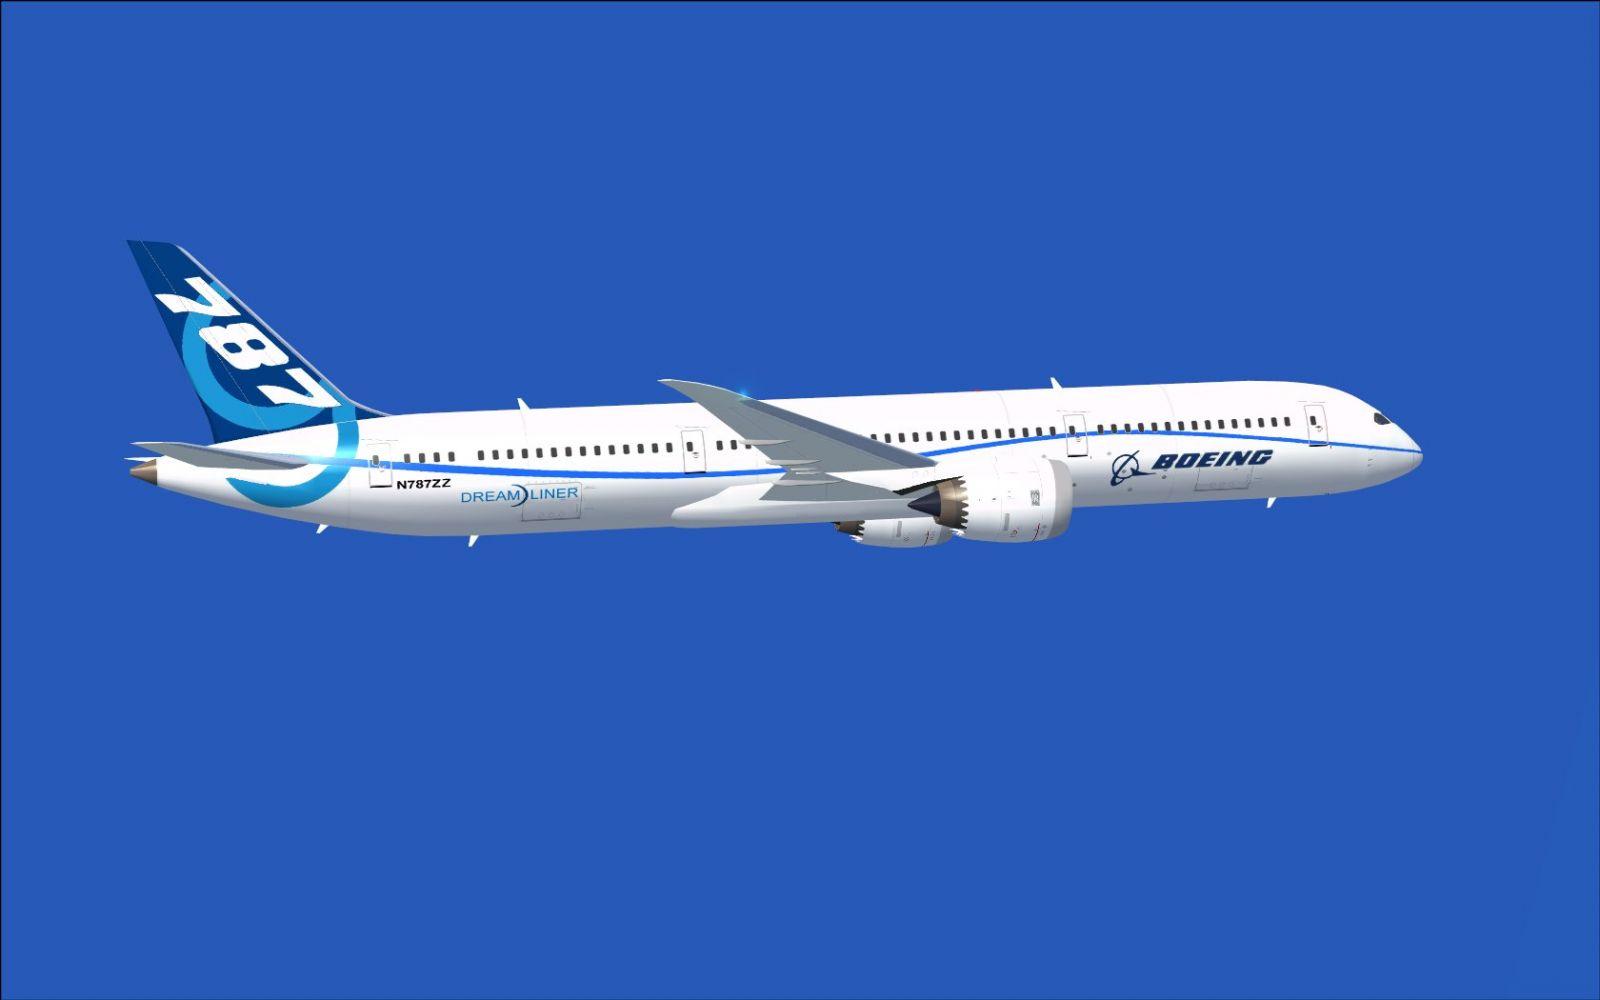 Boeing Flight Test Airplane Airplane